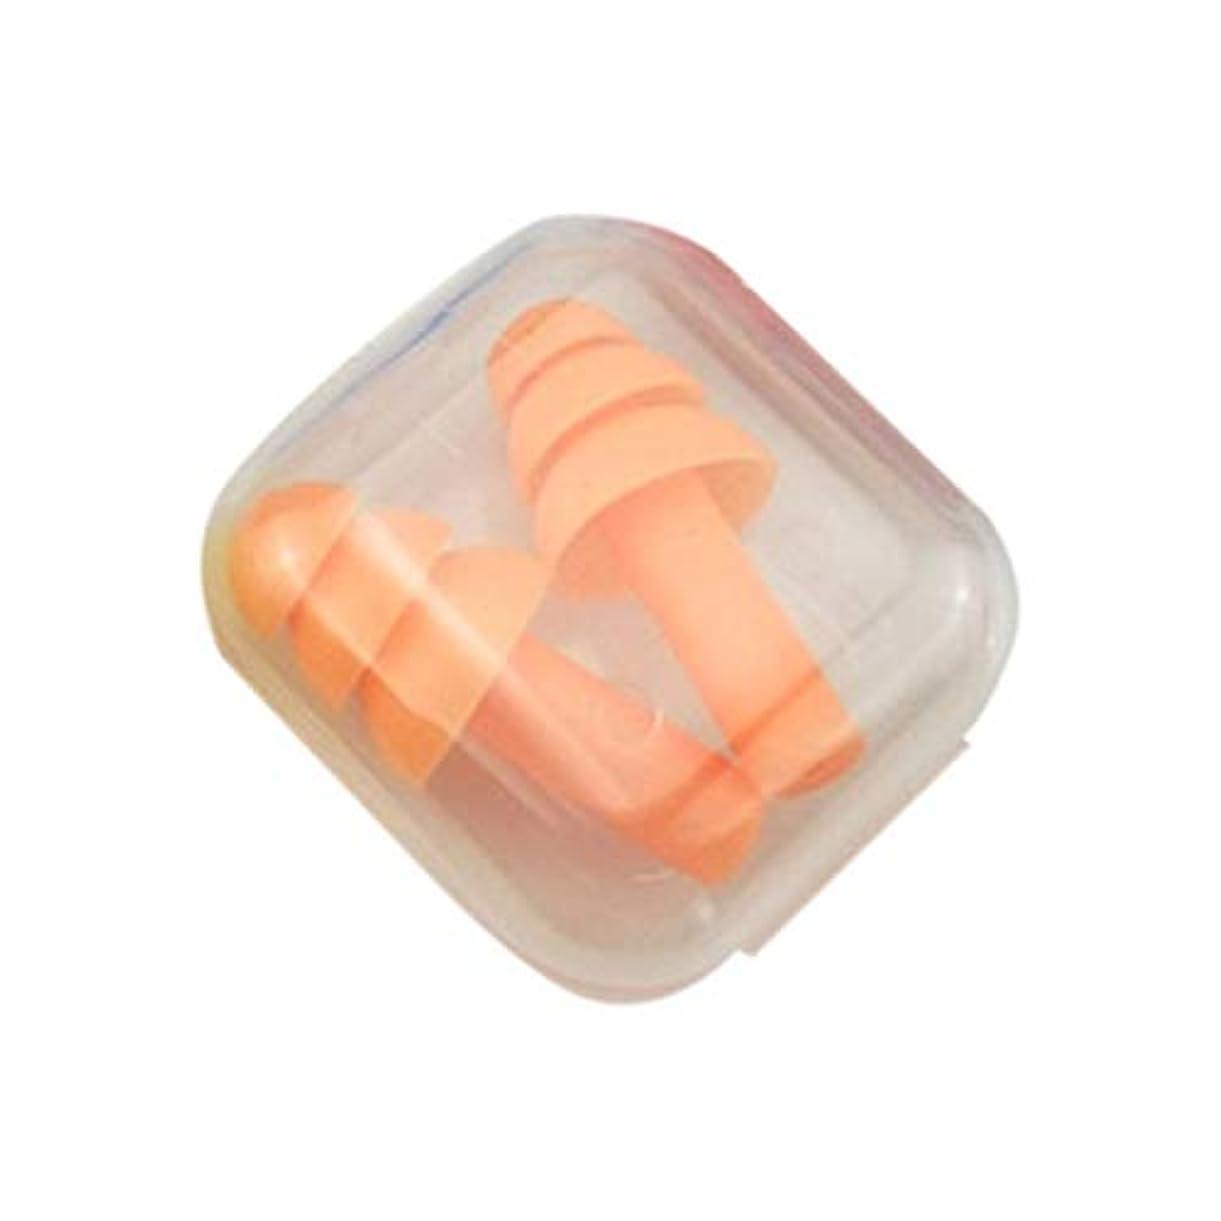 費やす言語粒柔らかいシリコーンの耳栓遮音用耳の保護用の耳栓防音睡眠ボックス付き収納ボックス - オレンジ